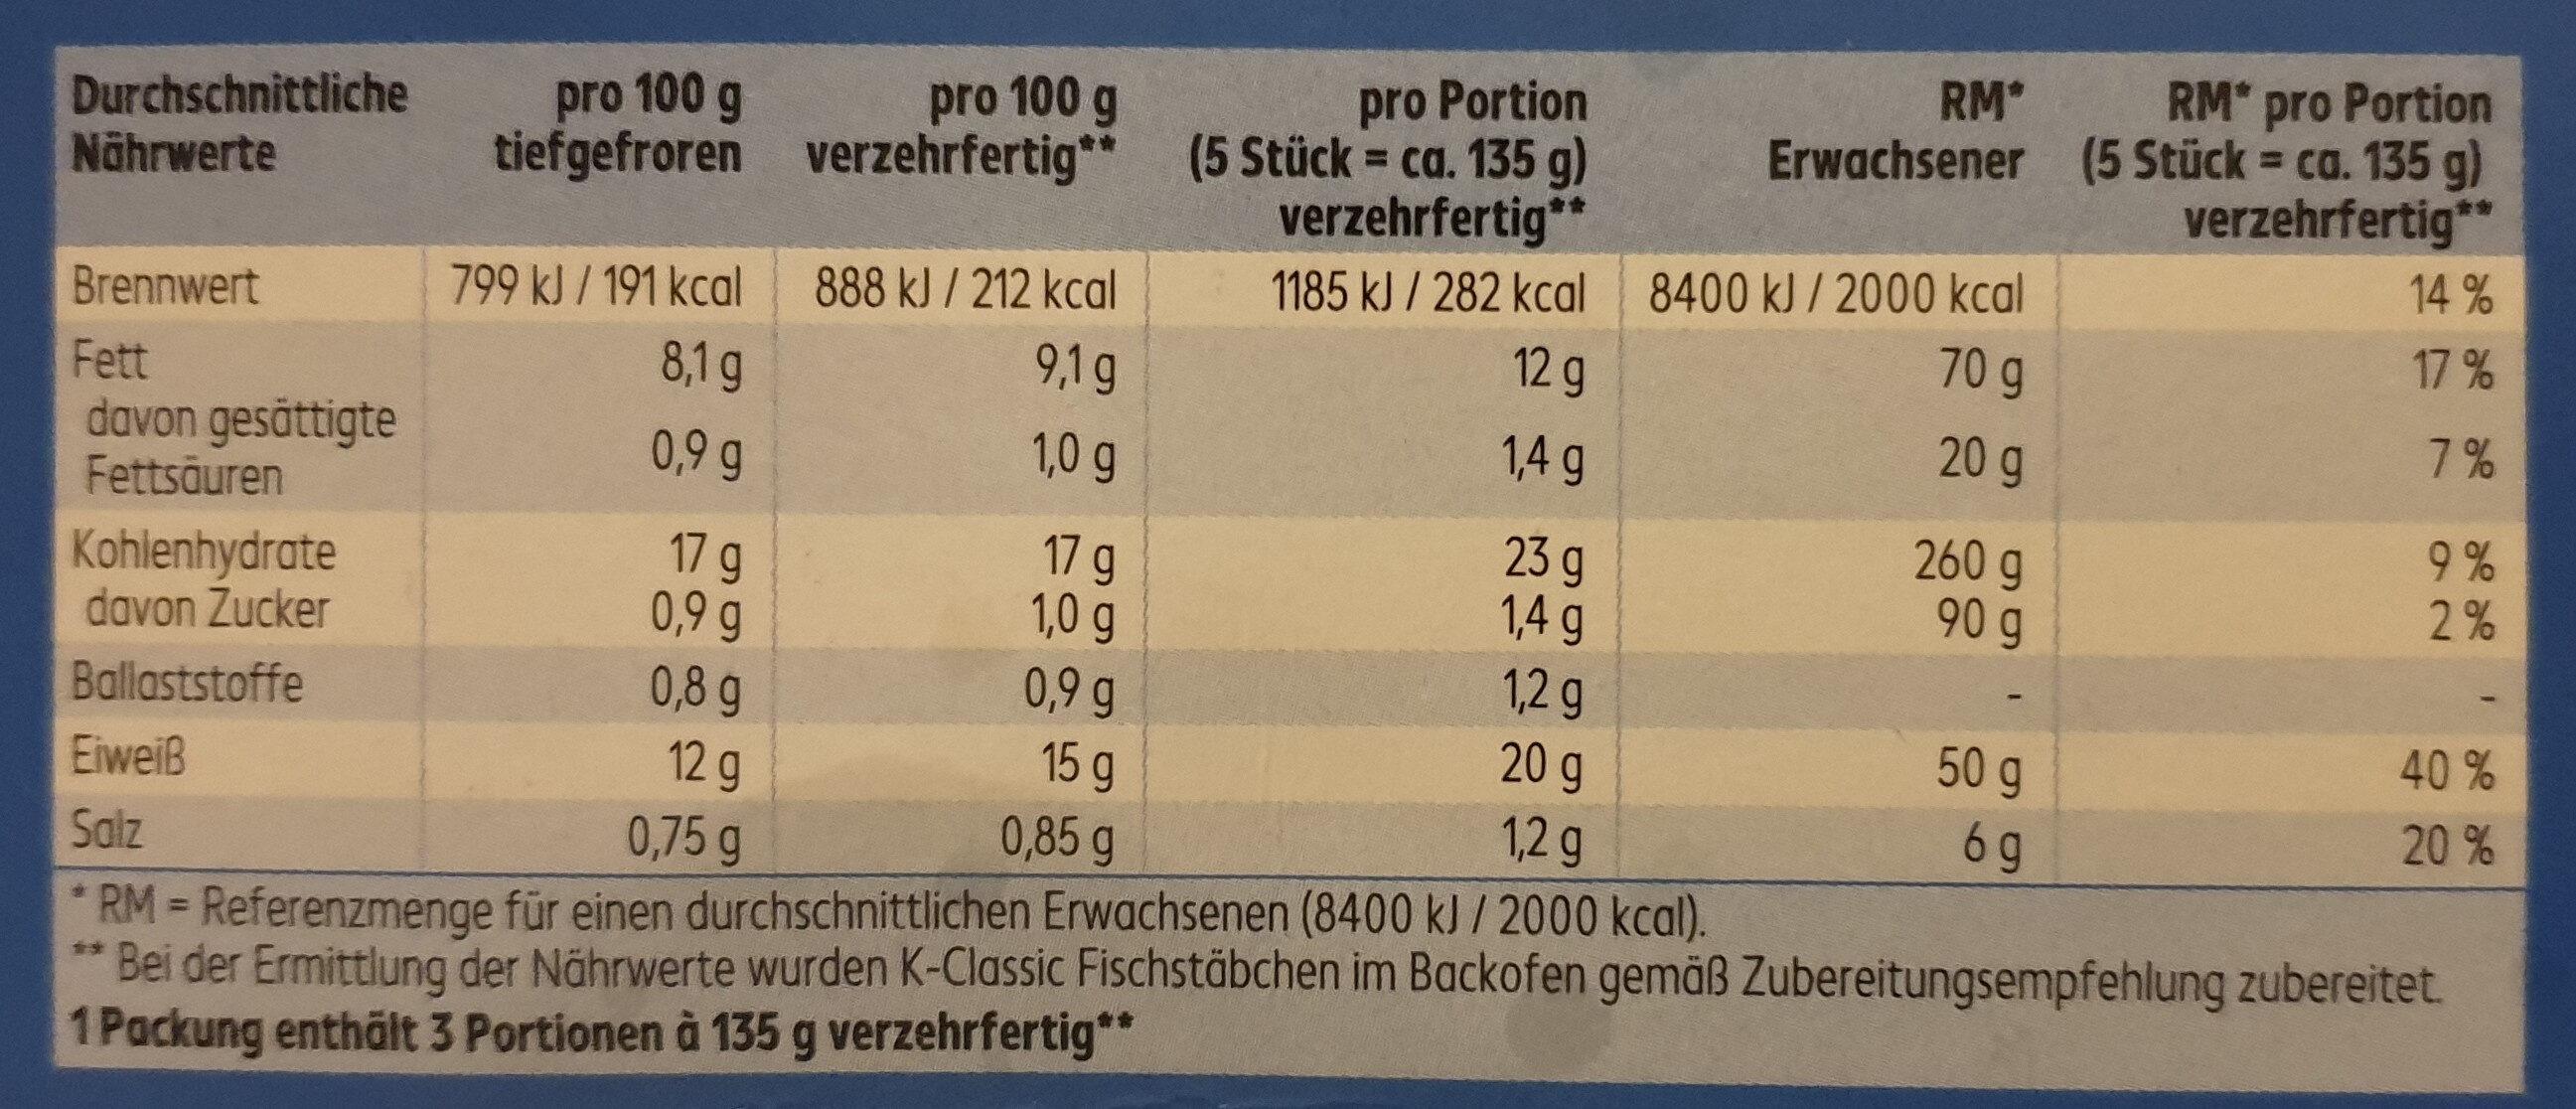 15 knusprig panierte Fischstäbchen - Nutrition facts - de